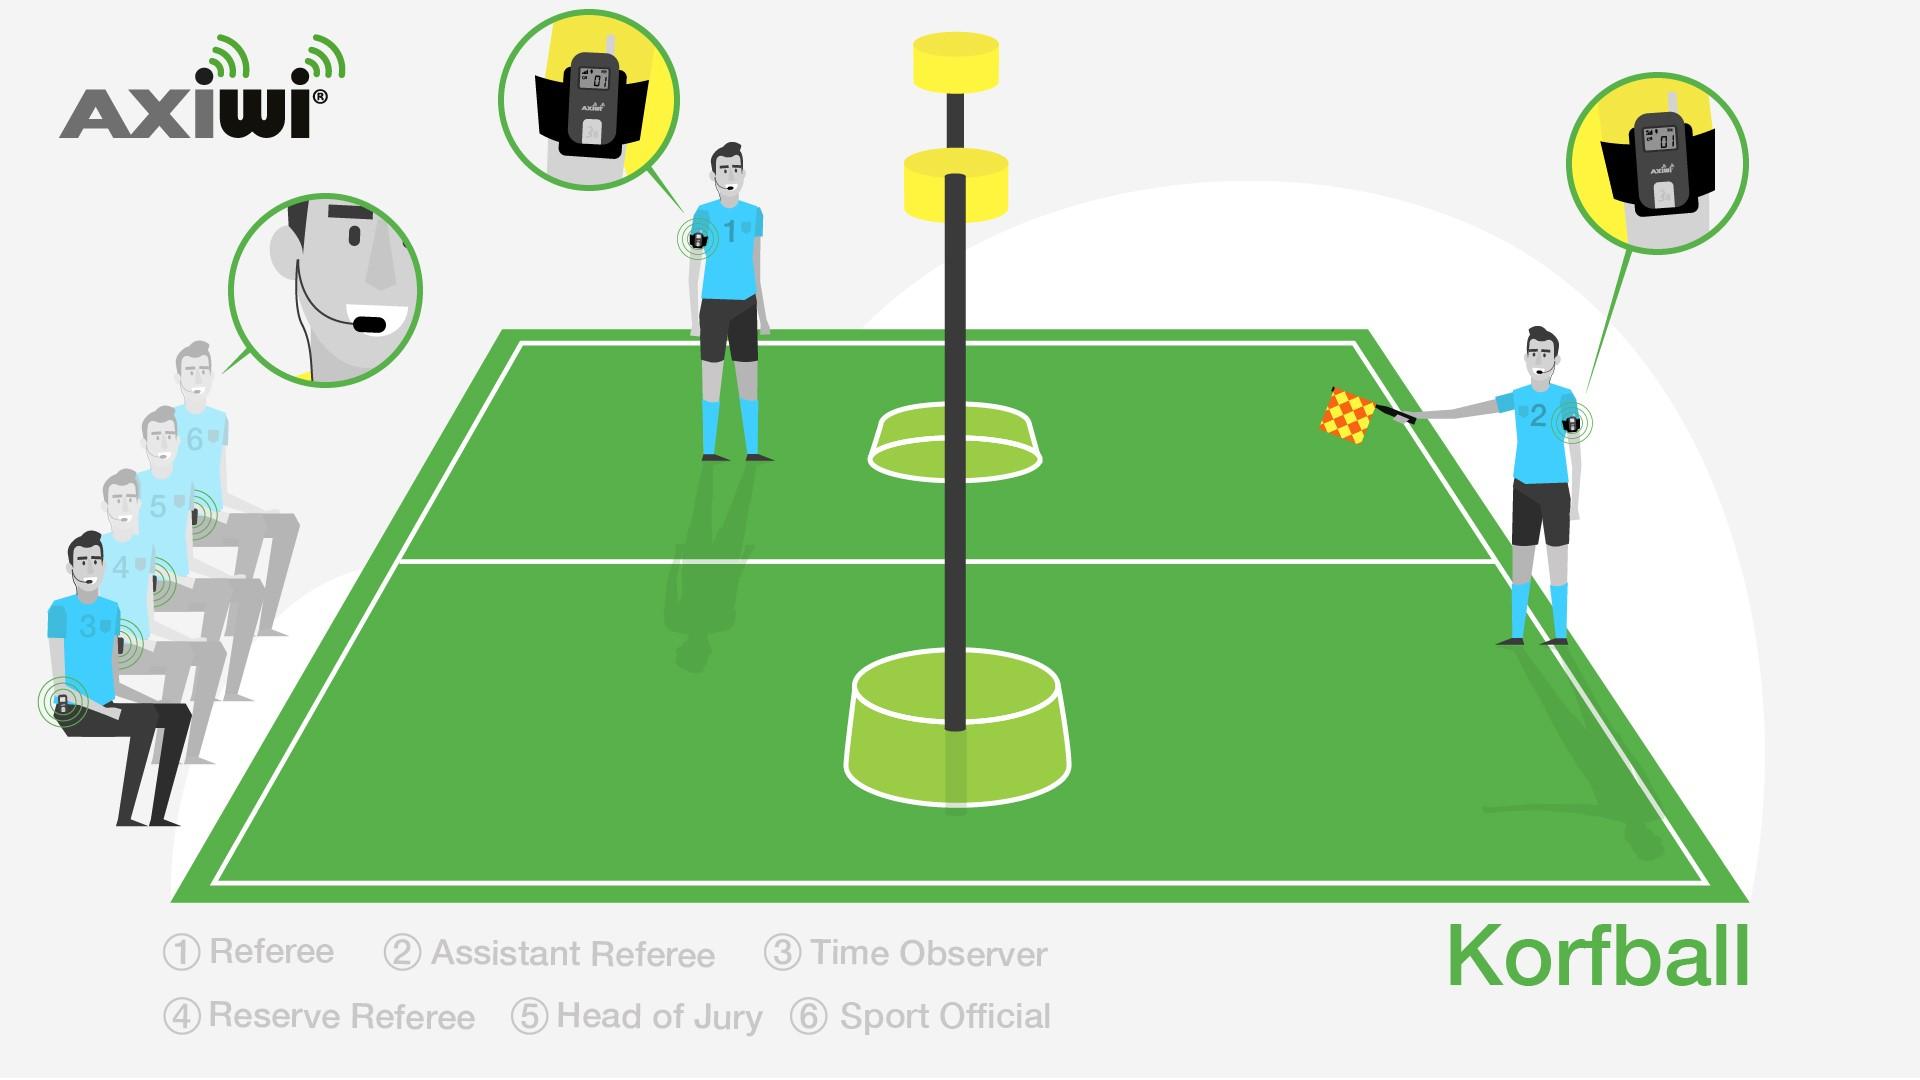 axiwi-korfbal-scheidsrechter-communicatie-systeem